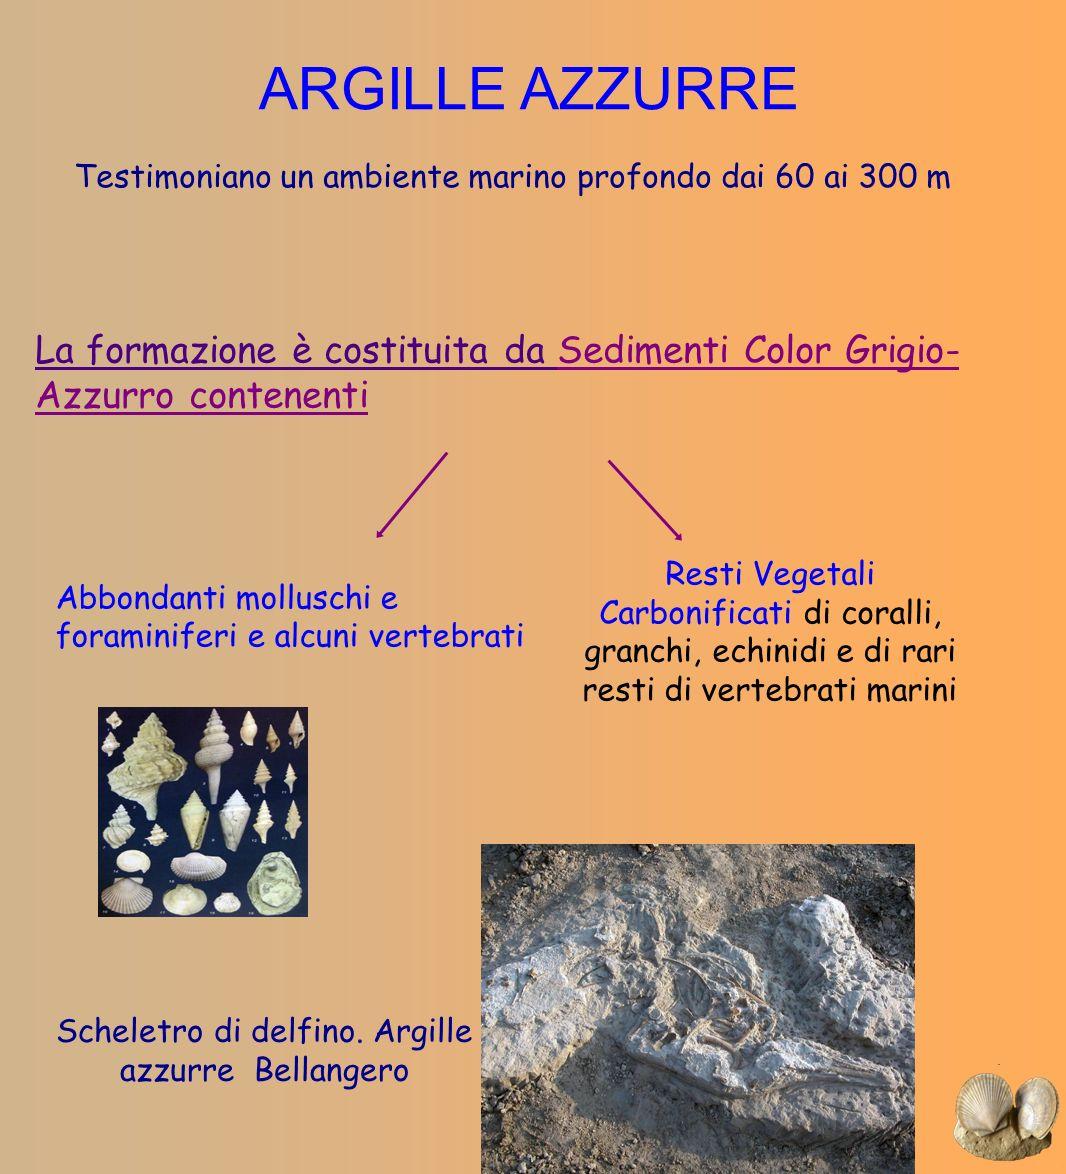 ARGILLE AZZURRE Testimoniano un ambiente marino profondo dai 60 ai 300 m. La formazione è costituita da Sedimenti Color Grigio-Azzurro contenenti.